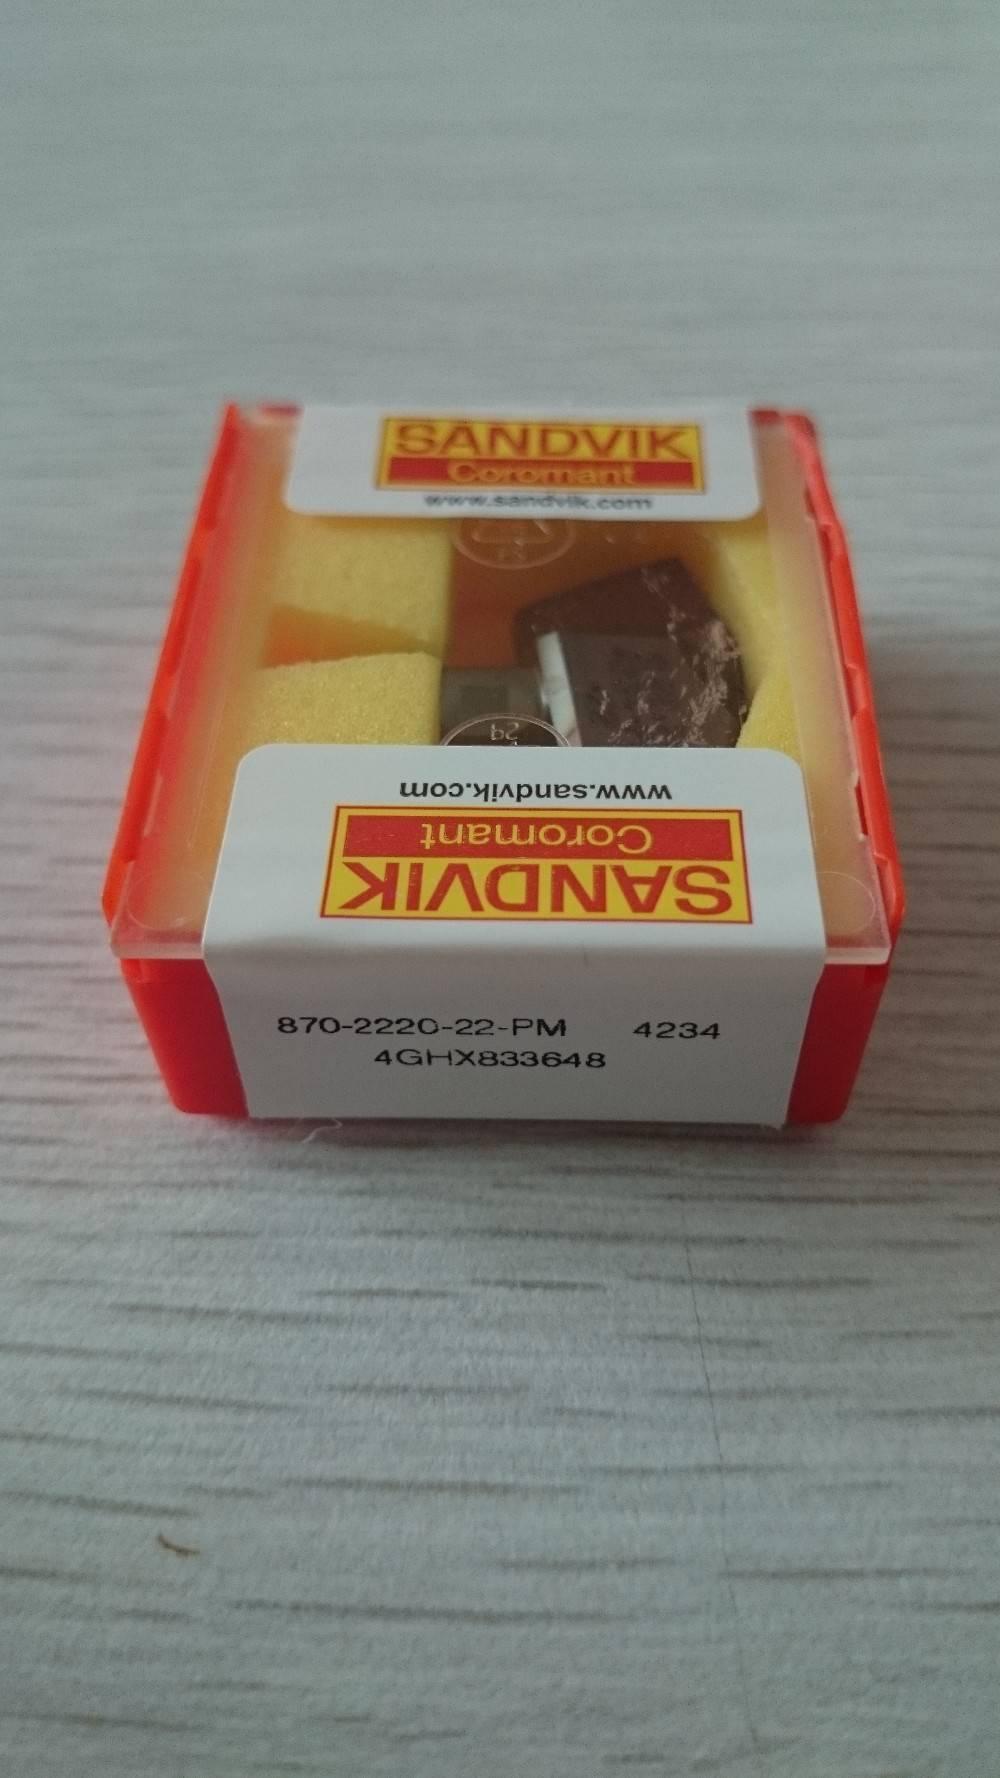 SANDVIK 870-2220-22-PM 4234